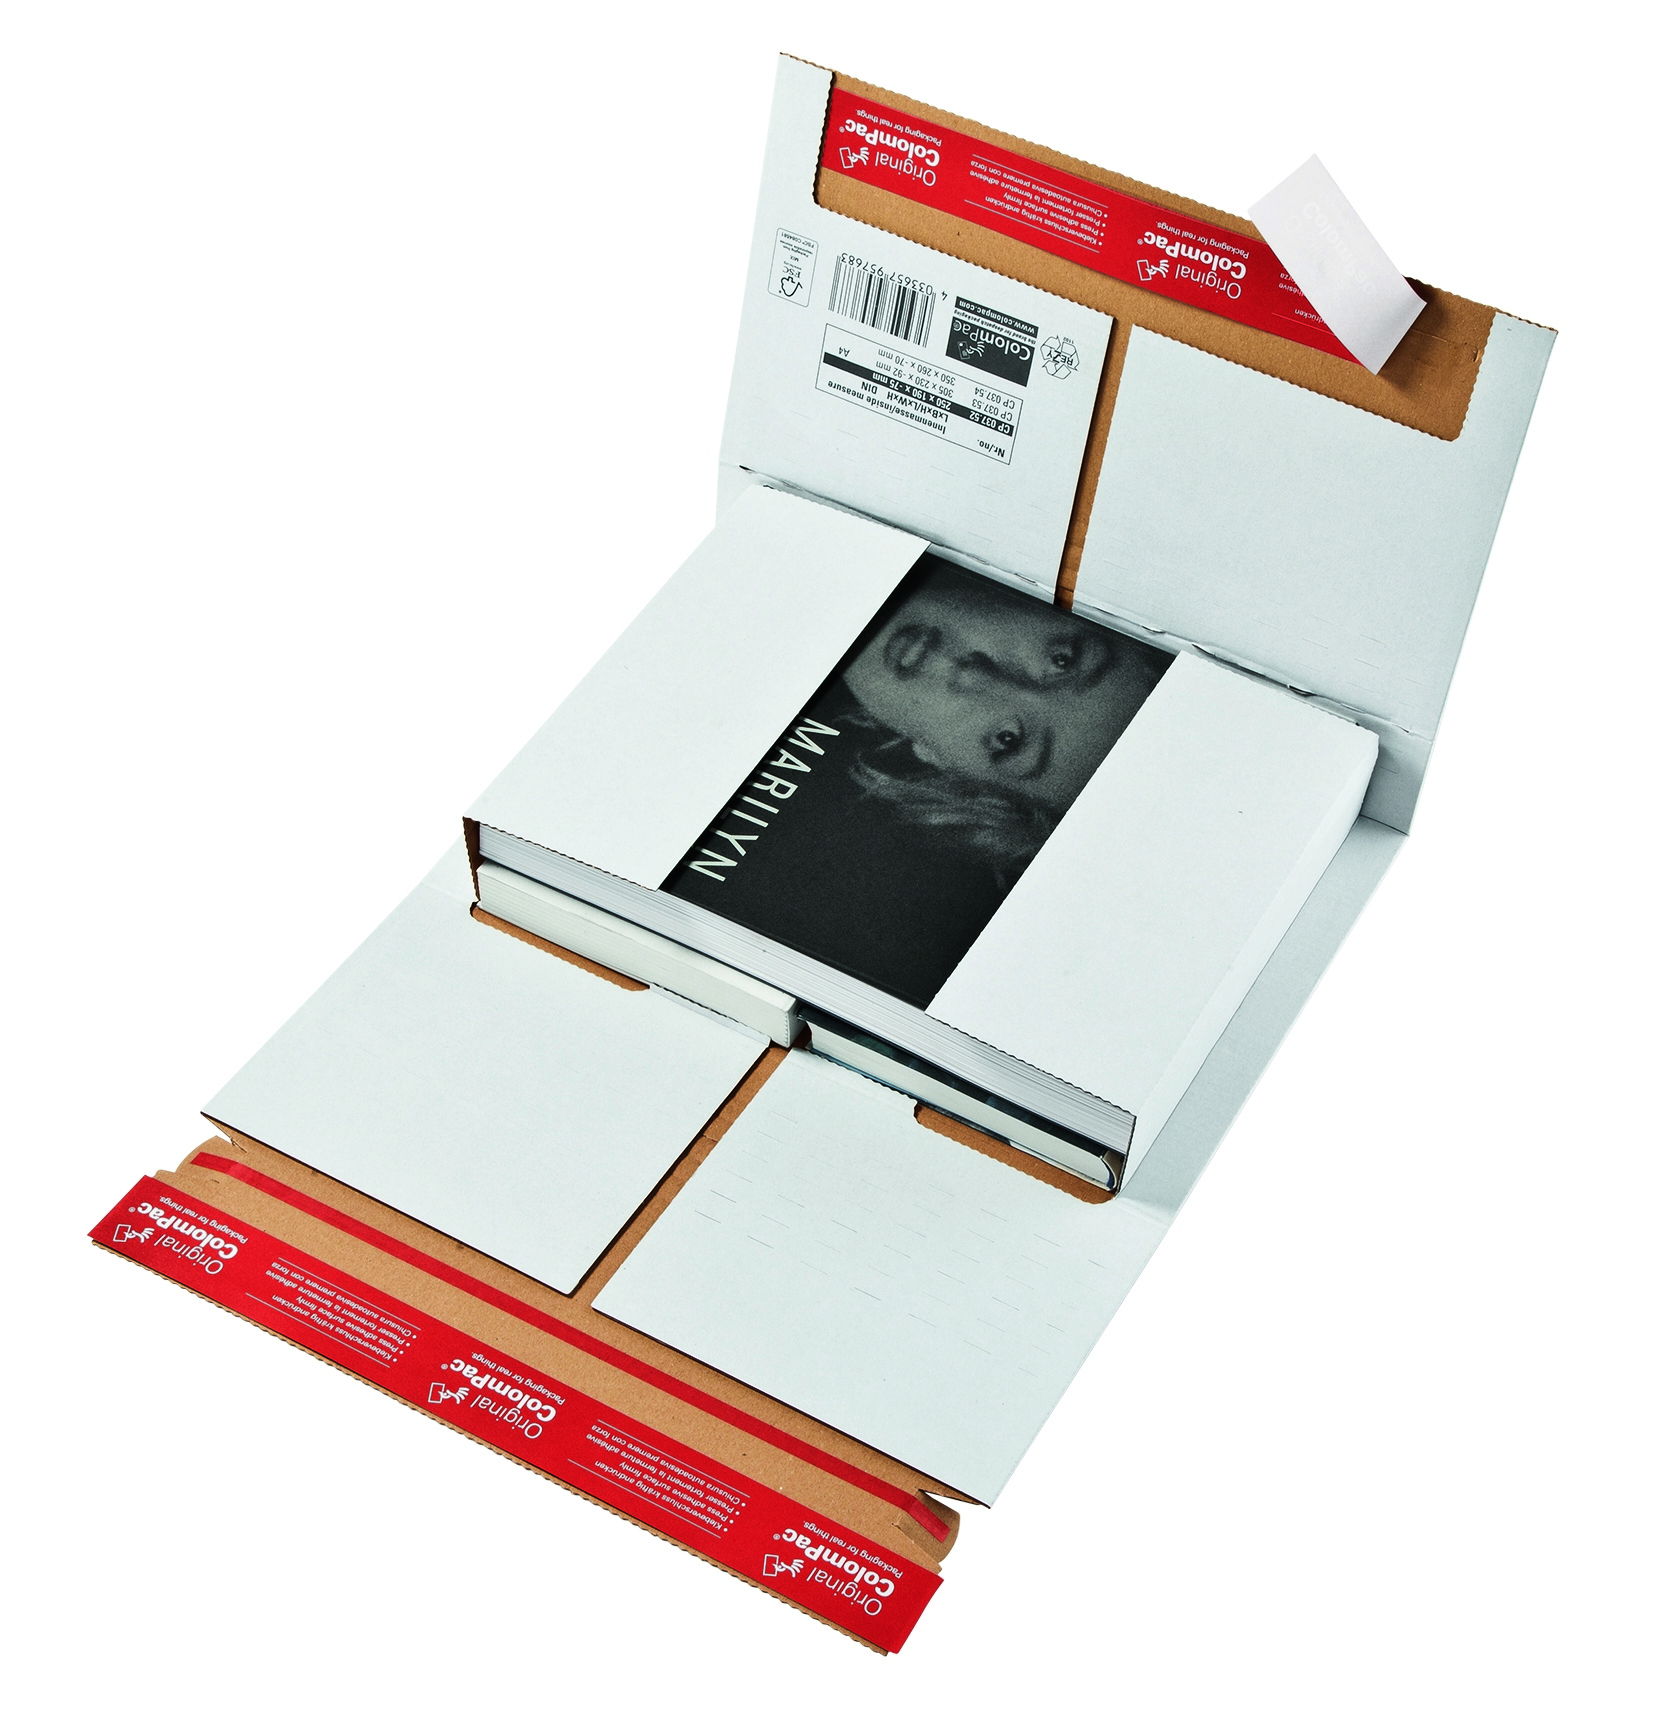 Boekverpakking Colompac CP 37.53